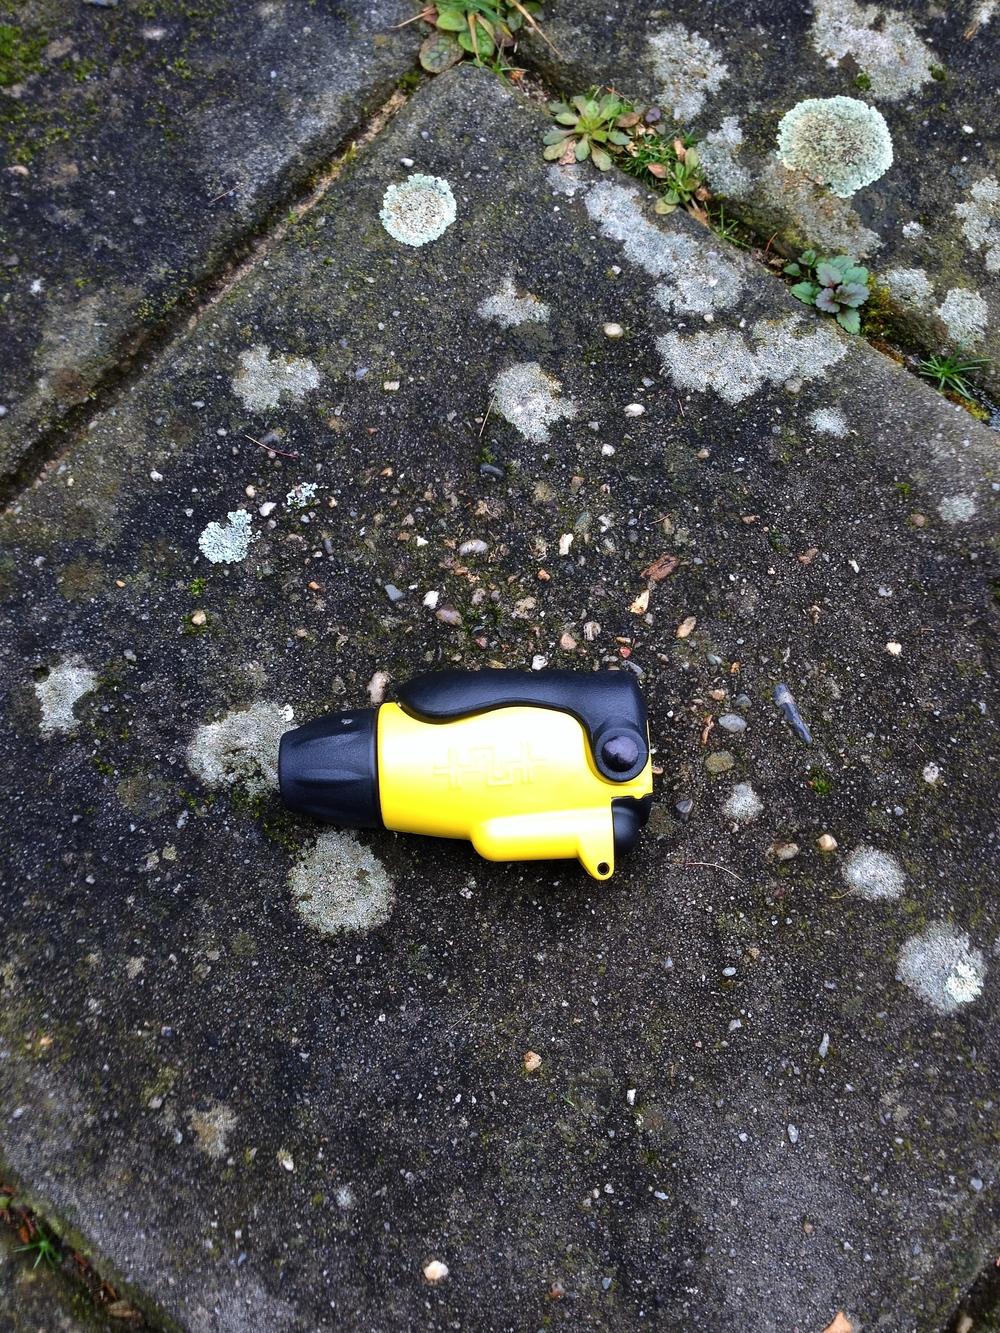 Burton Bullit tool.